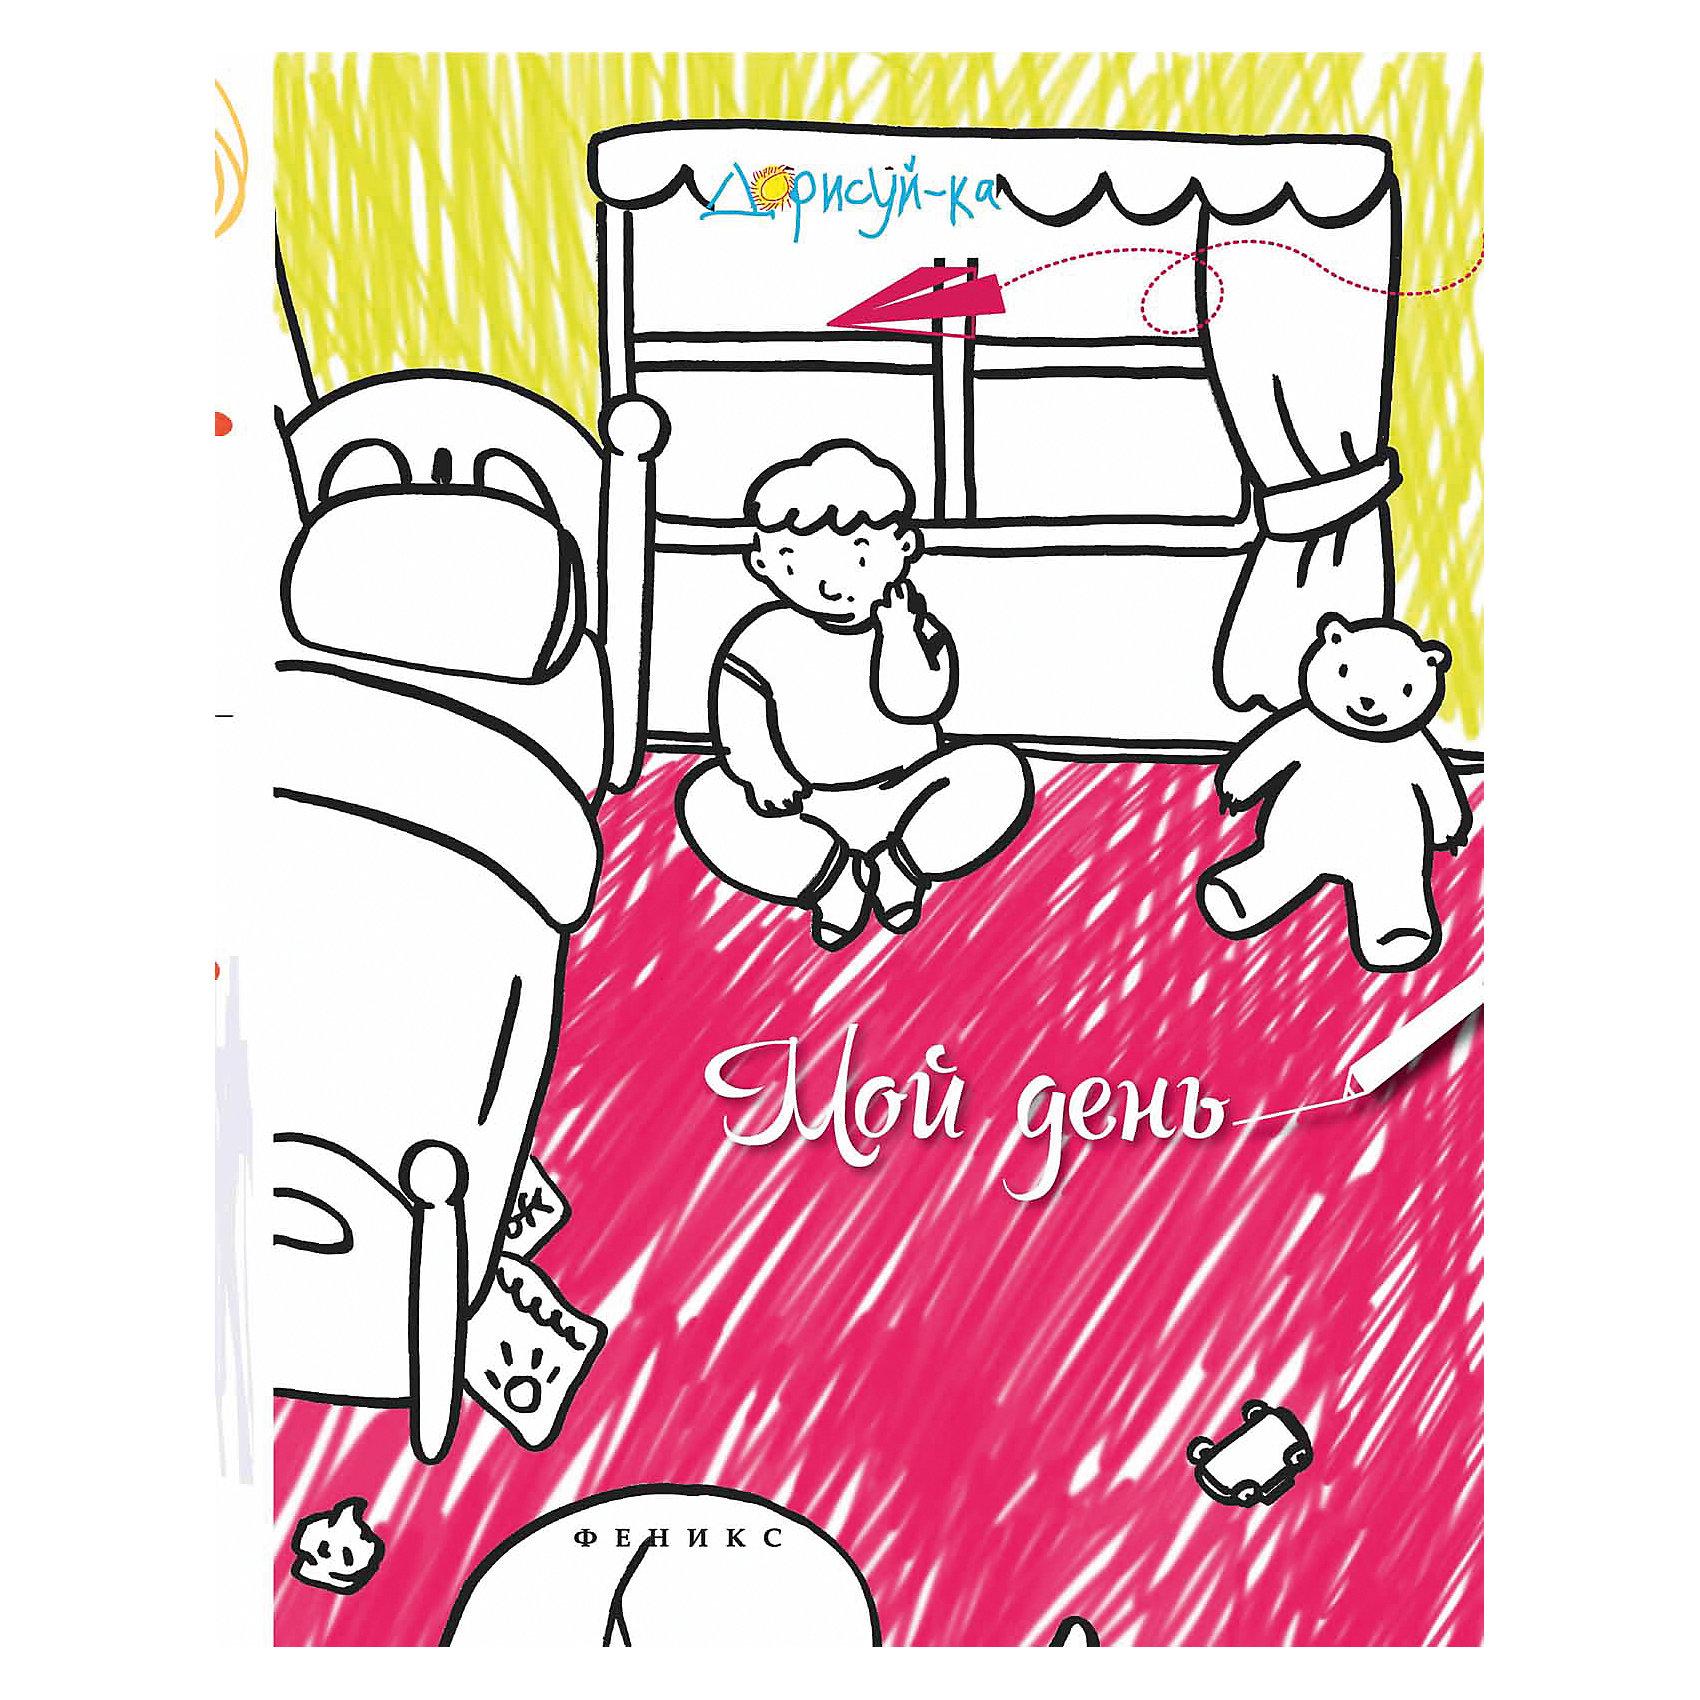 Книжка-раскраска Мой деньРисование<br>Книжка-раскраска Мой день<br><br>Характеристики: <br><br>• Кол-во страниц: 16<br>• ISBN: 9785222252604<br>• Возраст: 0+<br>• Обложка: мягкая <br>• Формат: а4<br><br>Эта раскраска позволяет ребенку не только раскрашивать уже готовые иллюстрации, но и дополнять их или создавать самому. На страницах этой книги изображено множество ситуаций, начиная от обычной жизни городка, заканчивая распорядком дня малыша, изучая которые ребенок сможет сам придумывать персонажей и их истории.<br><br>Книжка-раскраска Мой день можно купить в нашем интернет-магазине.<br><br>Ширина мм: 260<br>Глубина мм: 199<br>Высота мм: 10<br>Вес г: 65<br>Возраст от месяцев: -2147483648<br>Возраст до месяцев: 2147483647<br>Пол: Унисекс<br>Возраст: Детский<br>SKU: 5464519